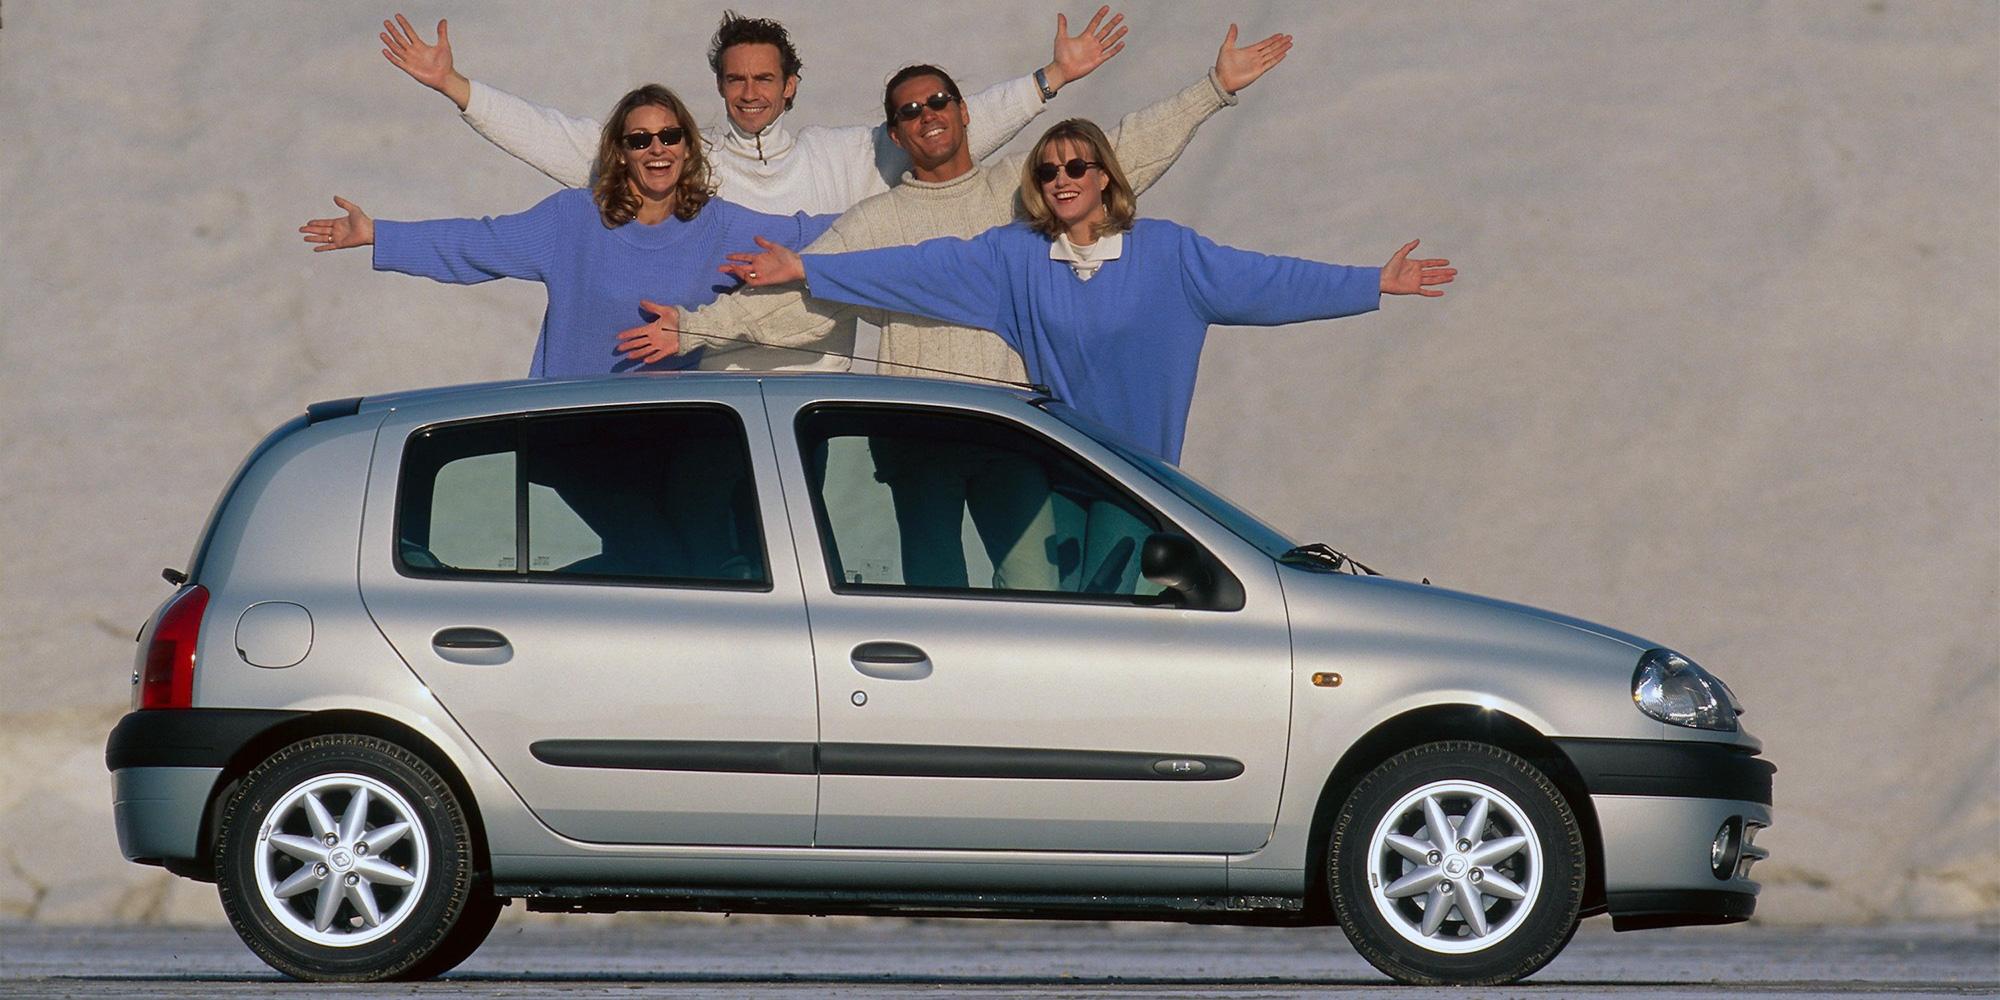 Clio, 2. Generation, Renault, 1997-2005